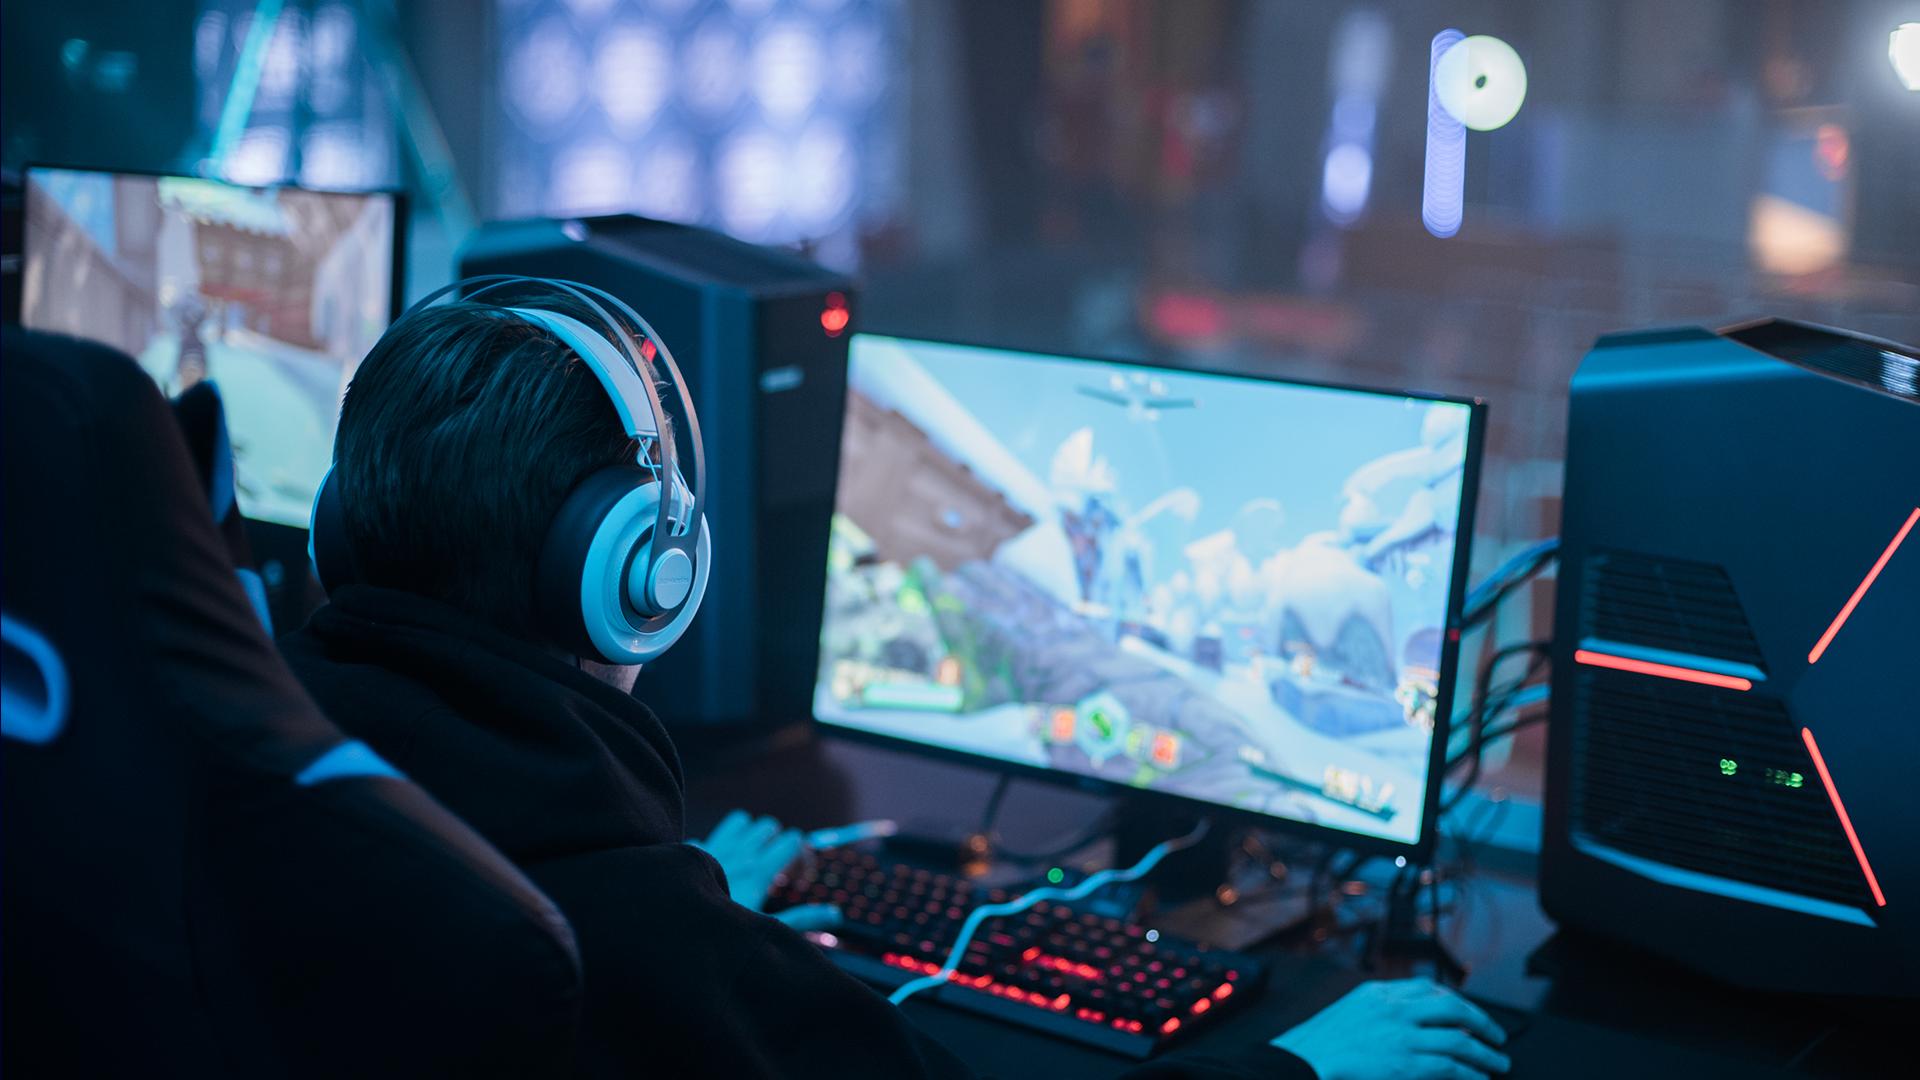 Computerspieler vor dem Bildschirm